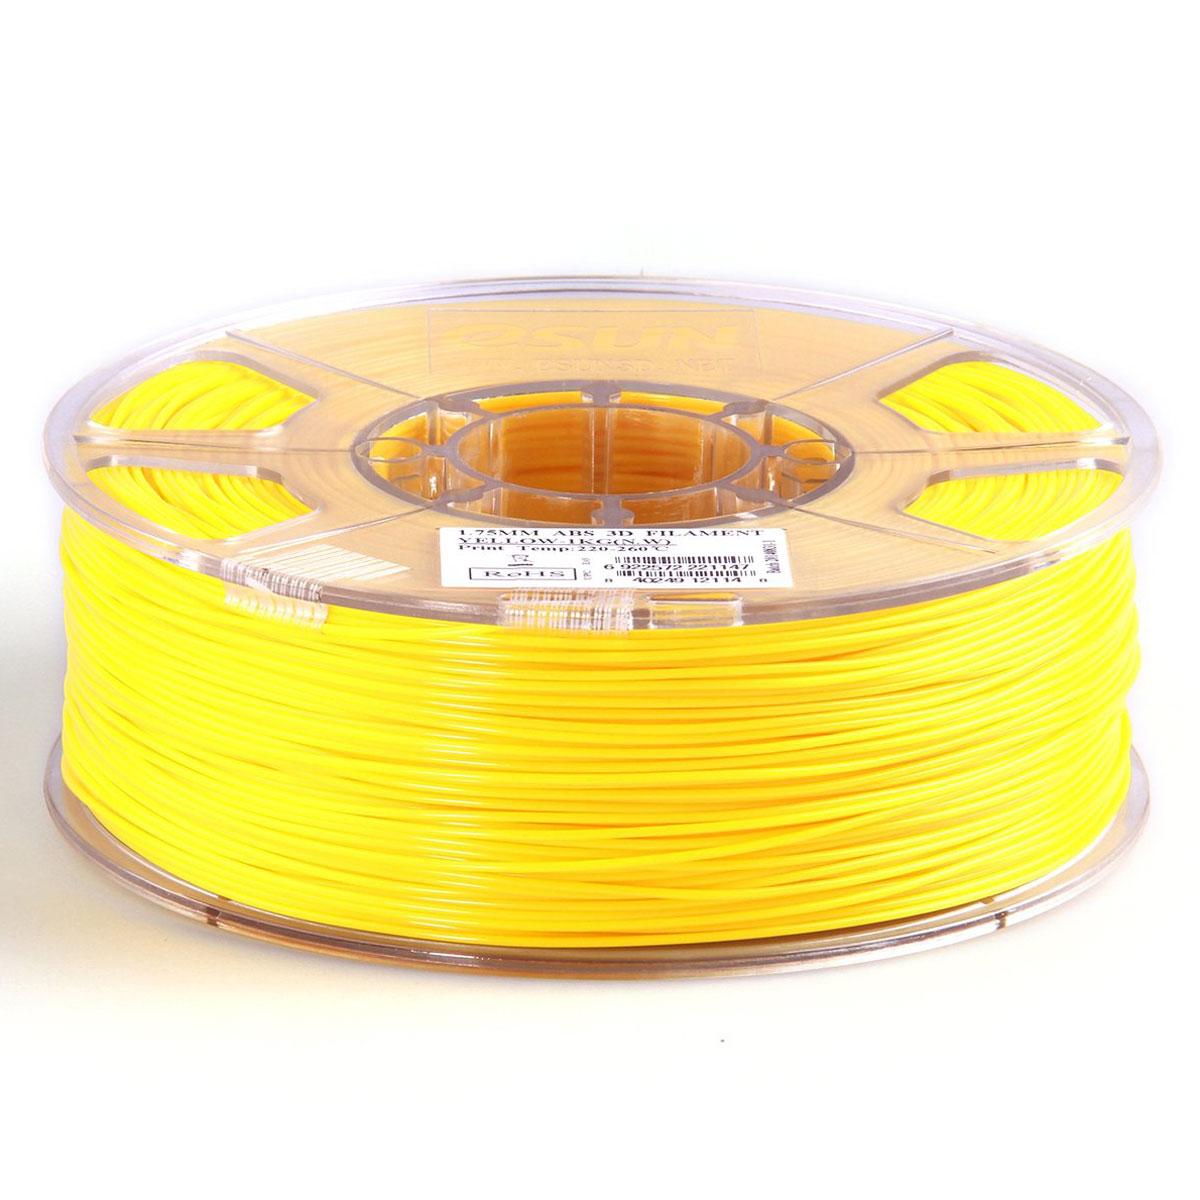 ESUN пластик ABS в катушке, Yellow, 1,75 ммABS175Y1Пластик ABS от ESUN долговечный и очень прочный полимер, ударопрочный, эластичный и стойкий кмоющим средствам и щелочам. Один из лучших материалов для печати на 3D принтере. Пластик ABS не имеетзапаха и не является токсичным. Температура плавления220-260°C. АБС пластик для 3D-принтера применяется в деталях автомобилей, канцелярских изделиях, корпусах бытовойтехники, мебели, сантехники, а также в производстве игрушек, сувениров, спортивного инвентаря, деталейоружия, медицинского оборудования и прочего.Диаметр пластиковой нити: 1.75 мм